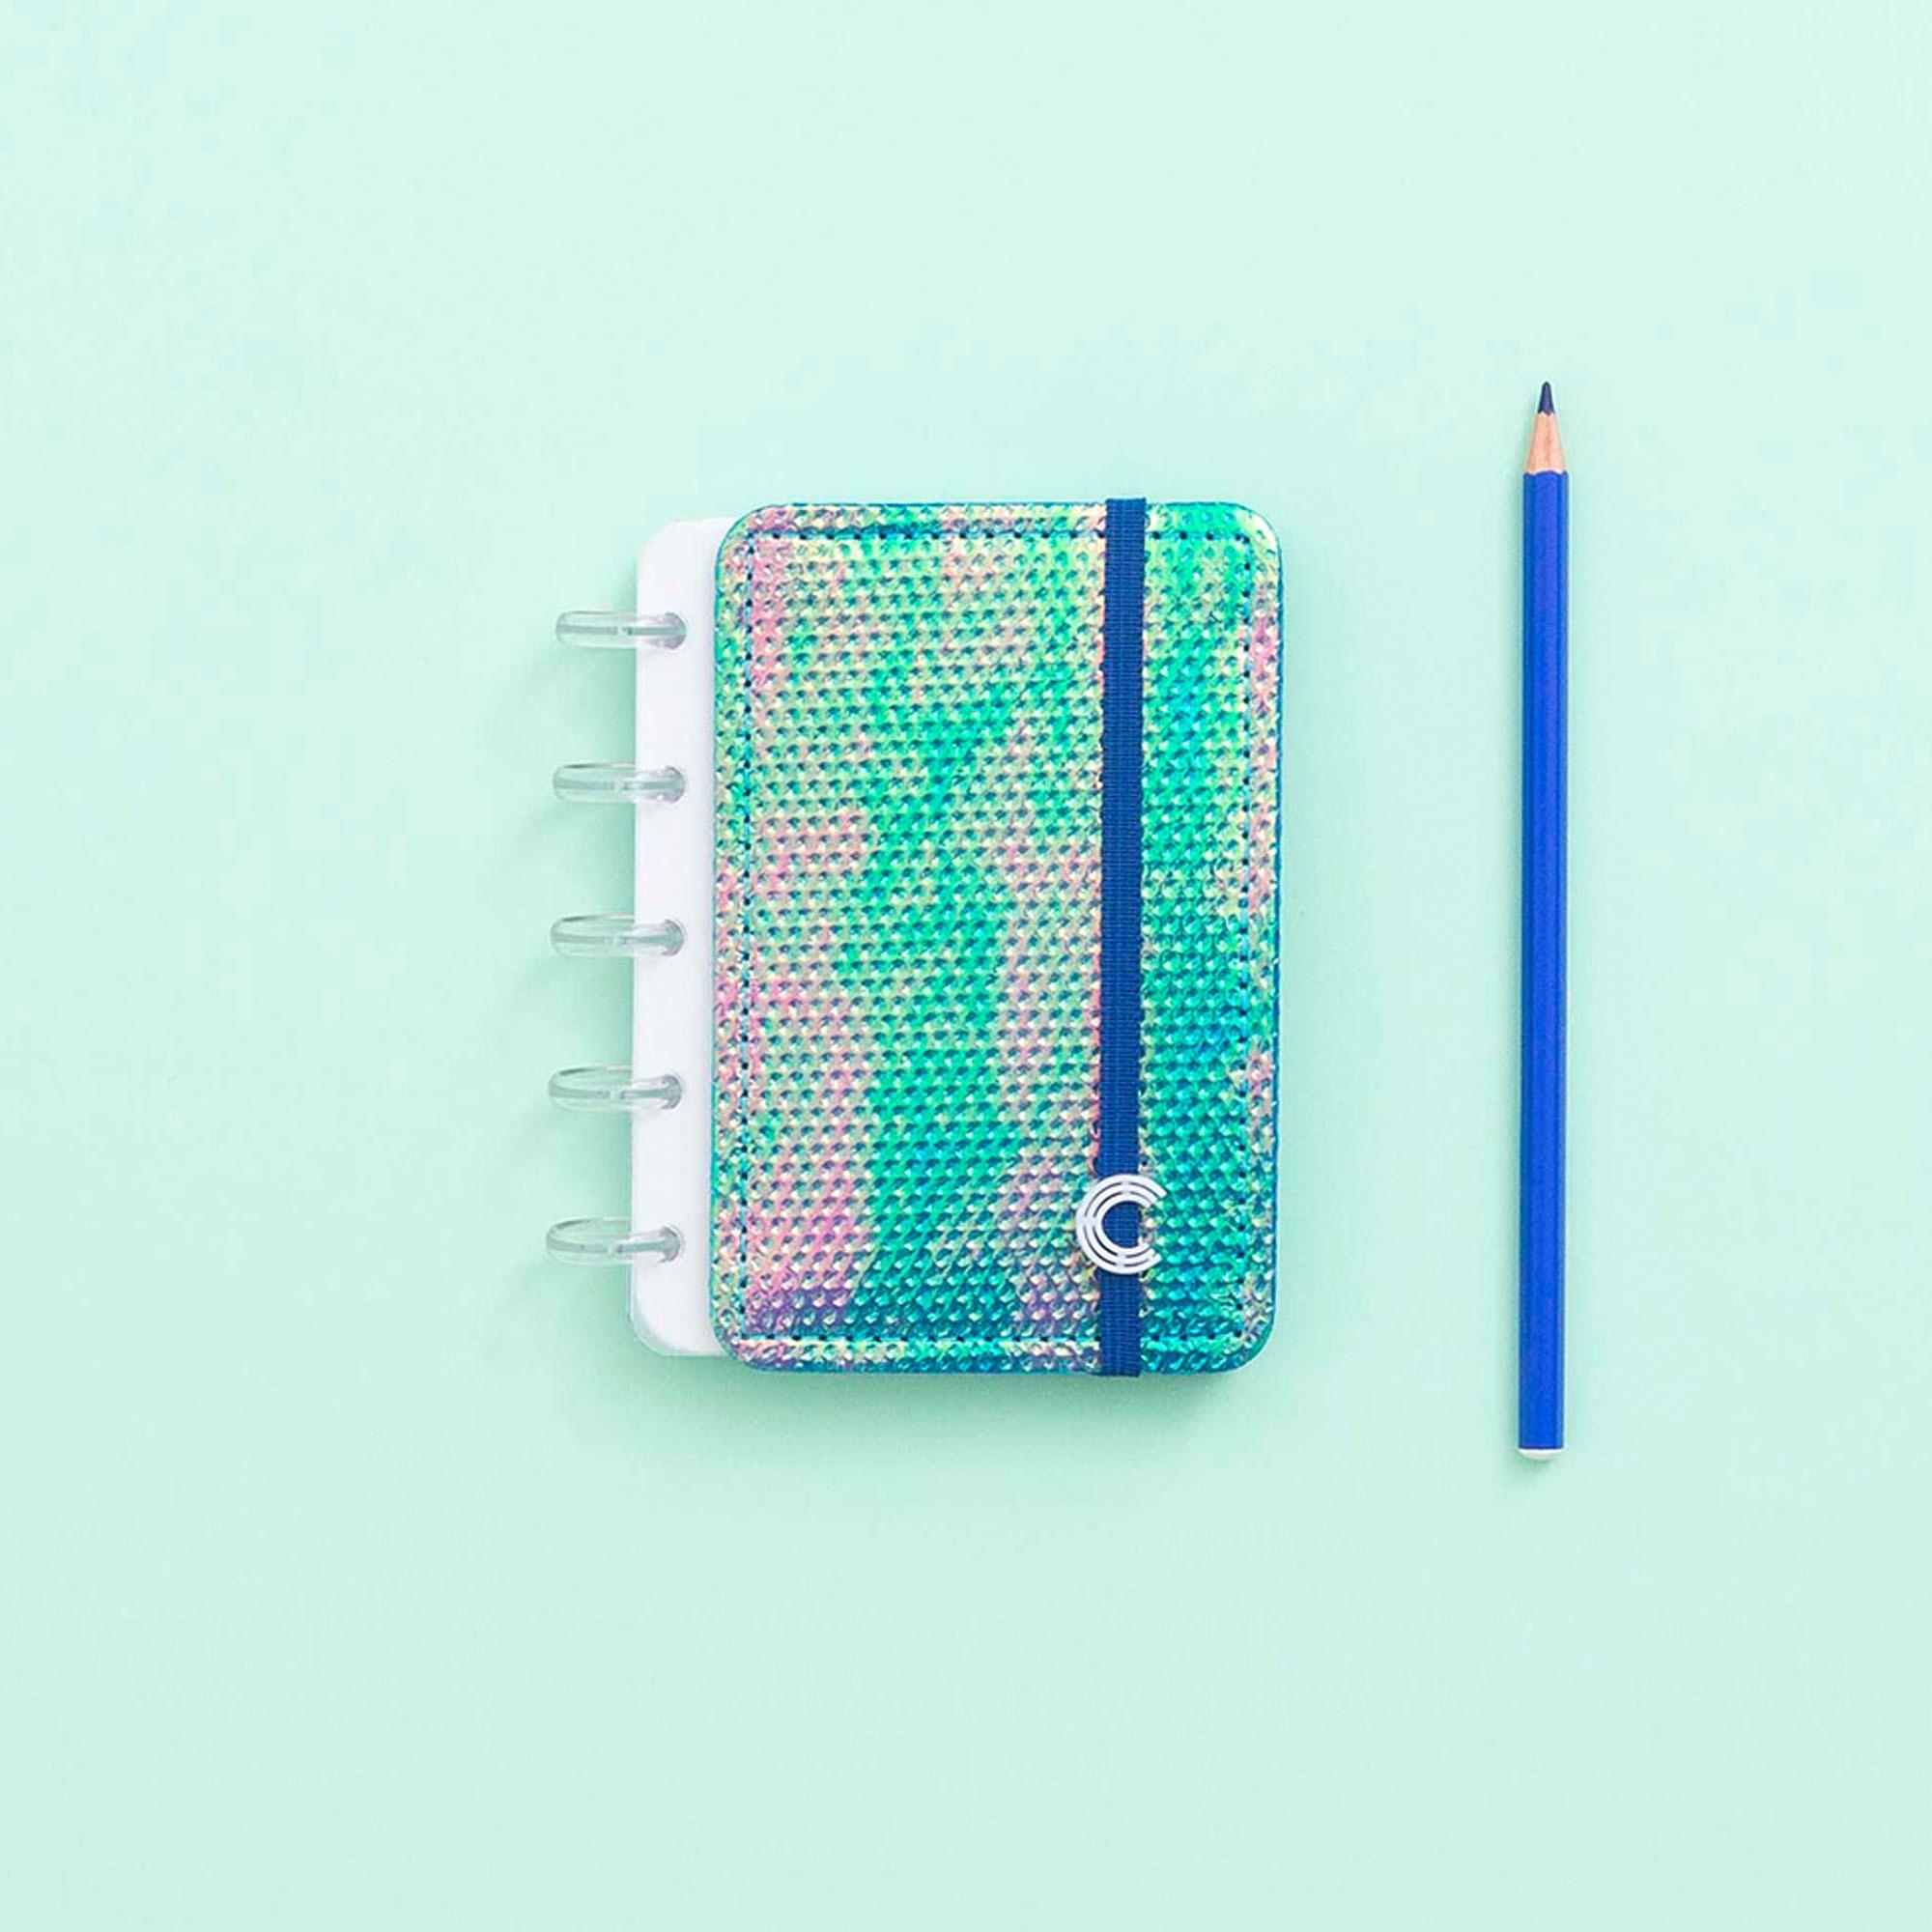 Caderno Inteligente Inteligine Sereiando Azul Holográfico